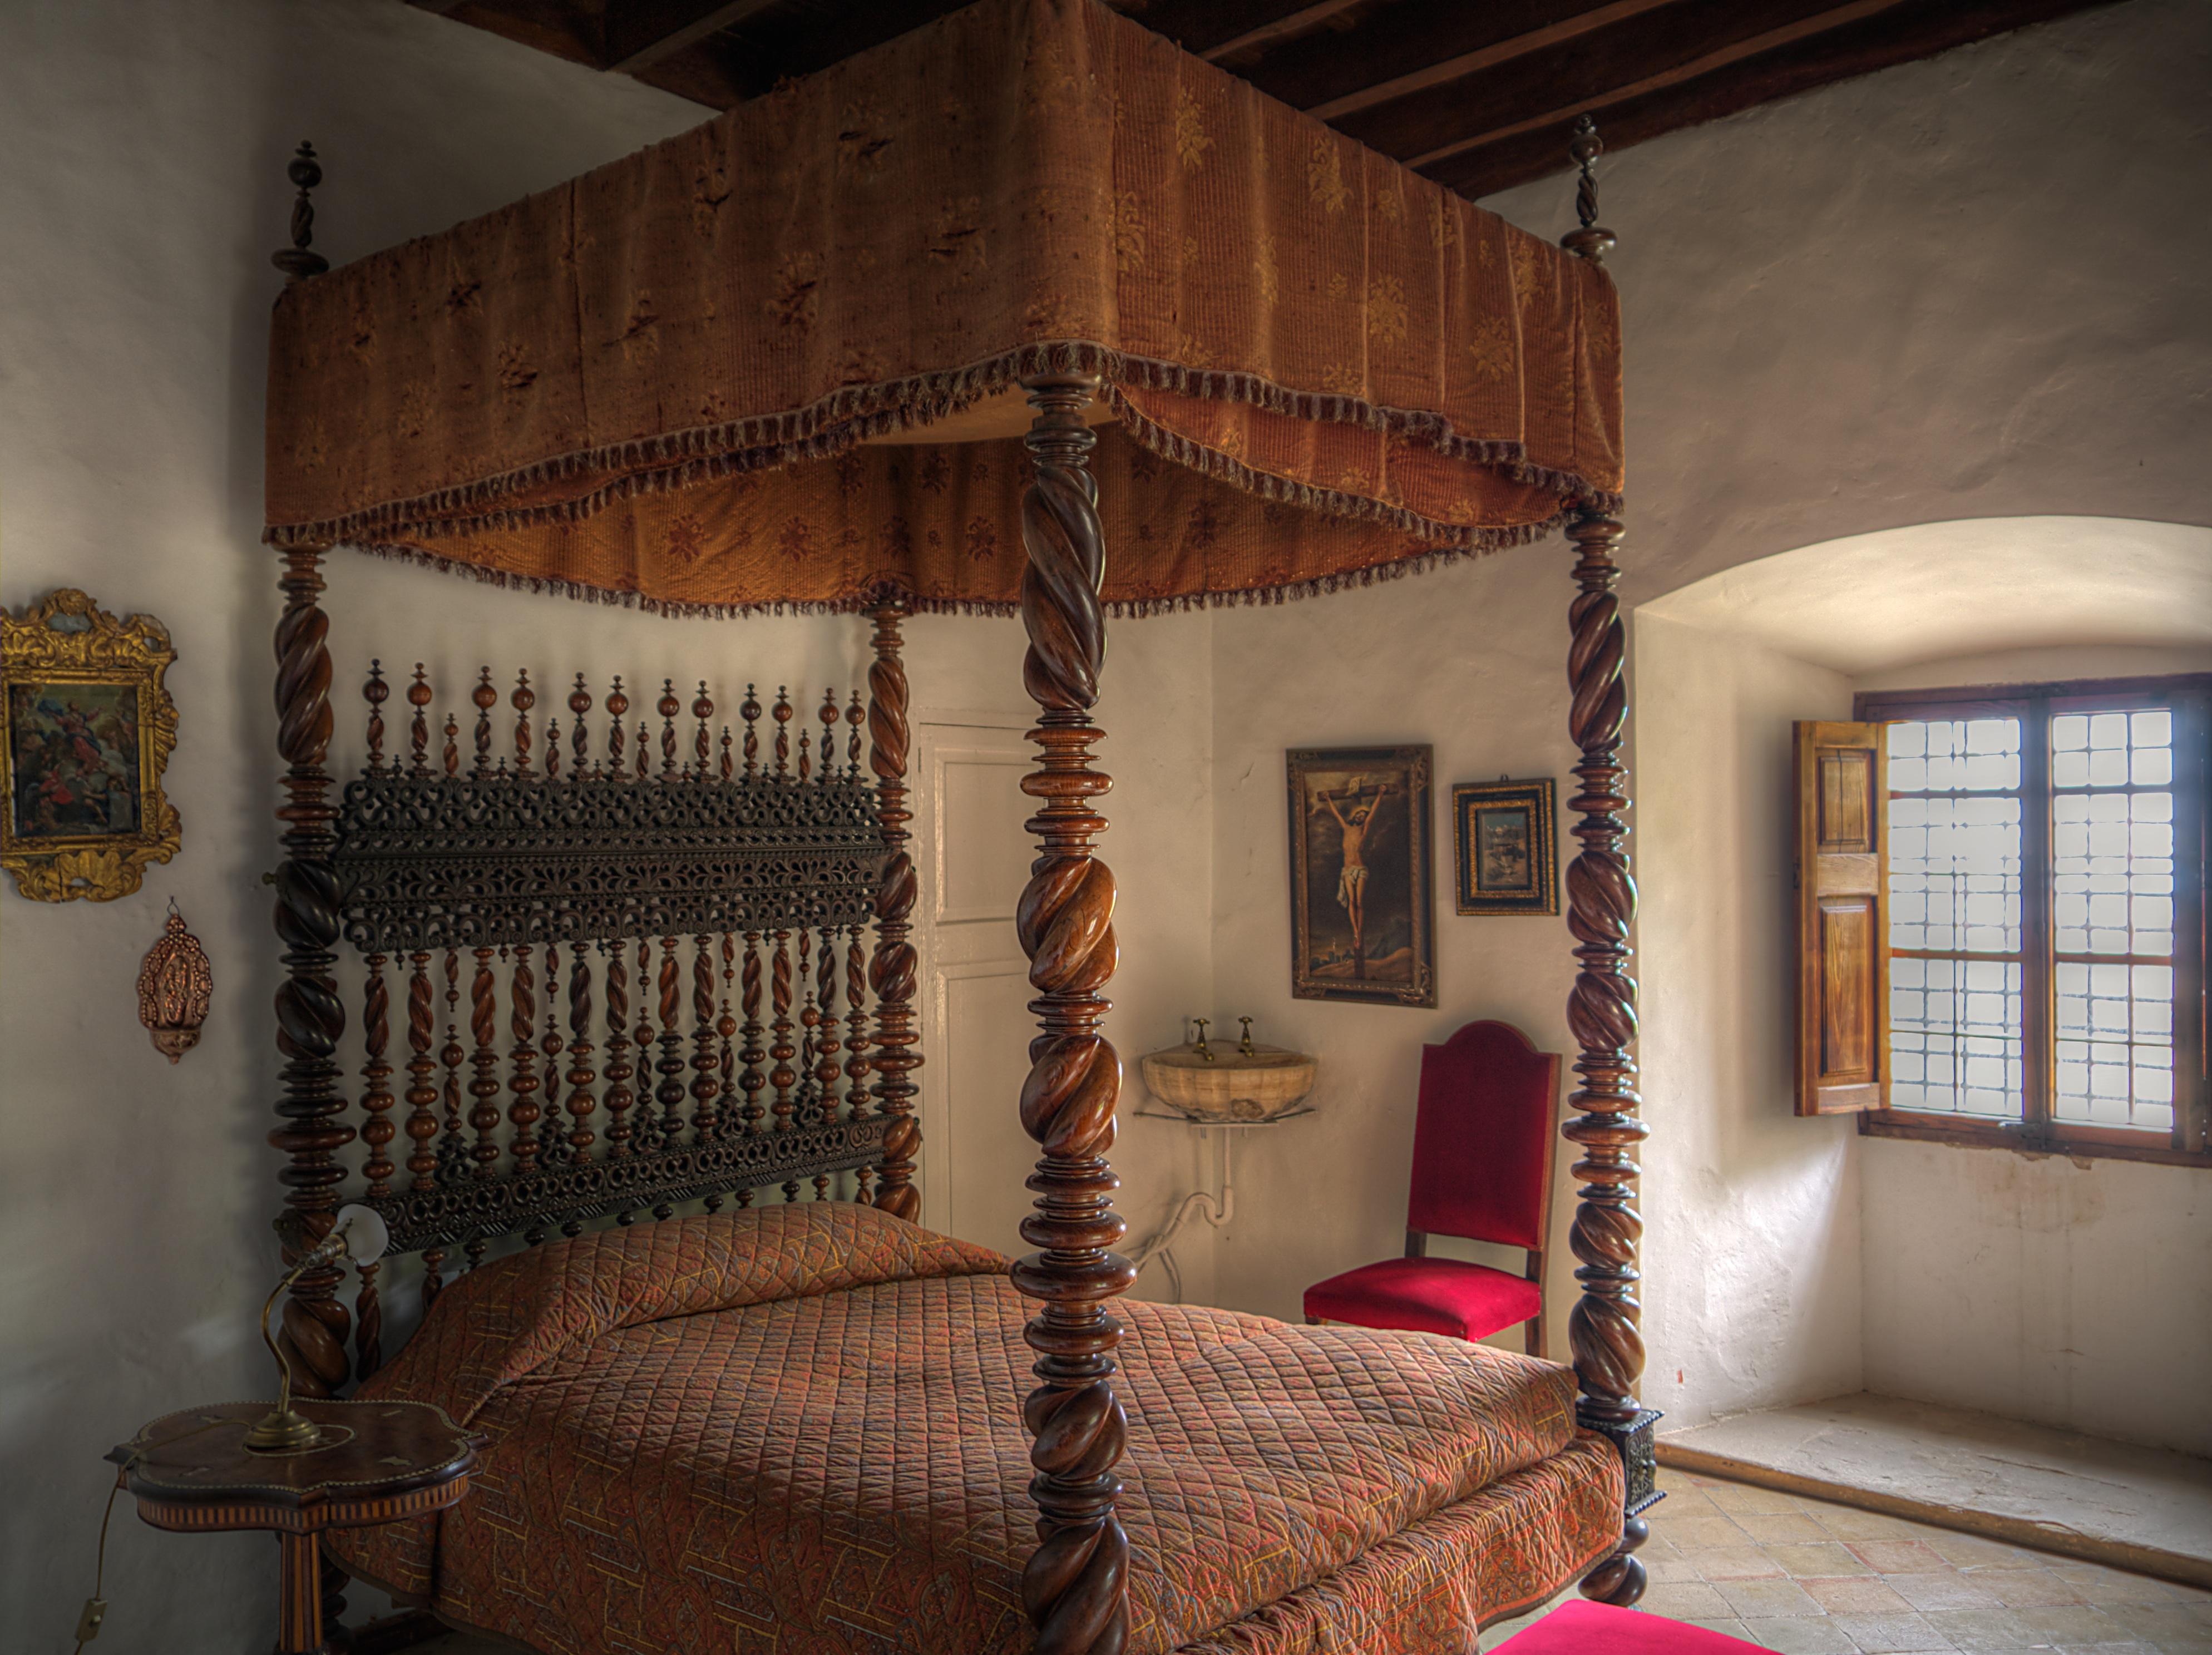 Fotos gratis : villa, edificio, antiguo, propiedad, sala, mueble ...